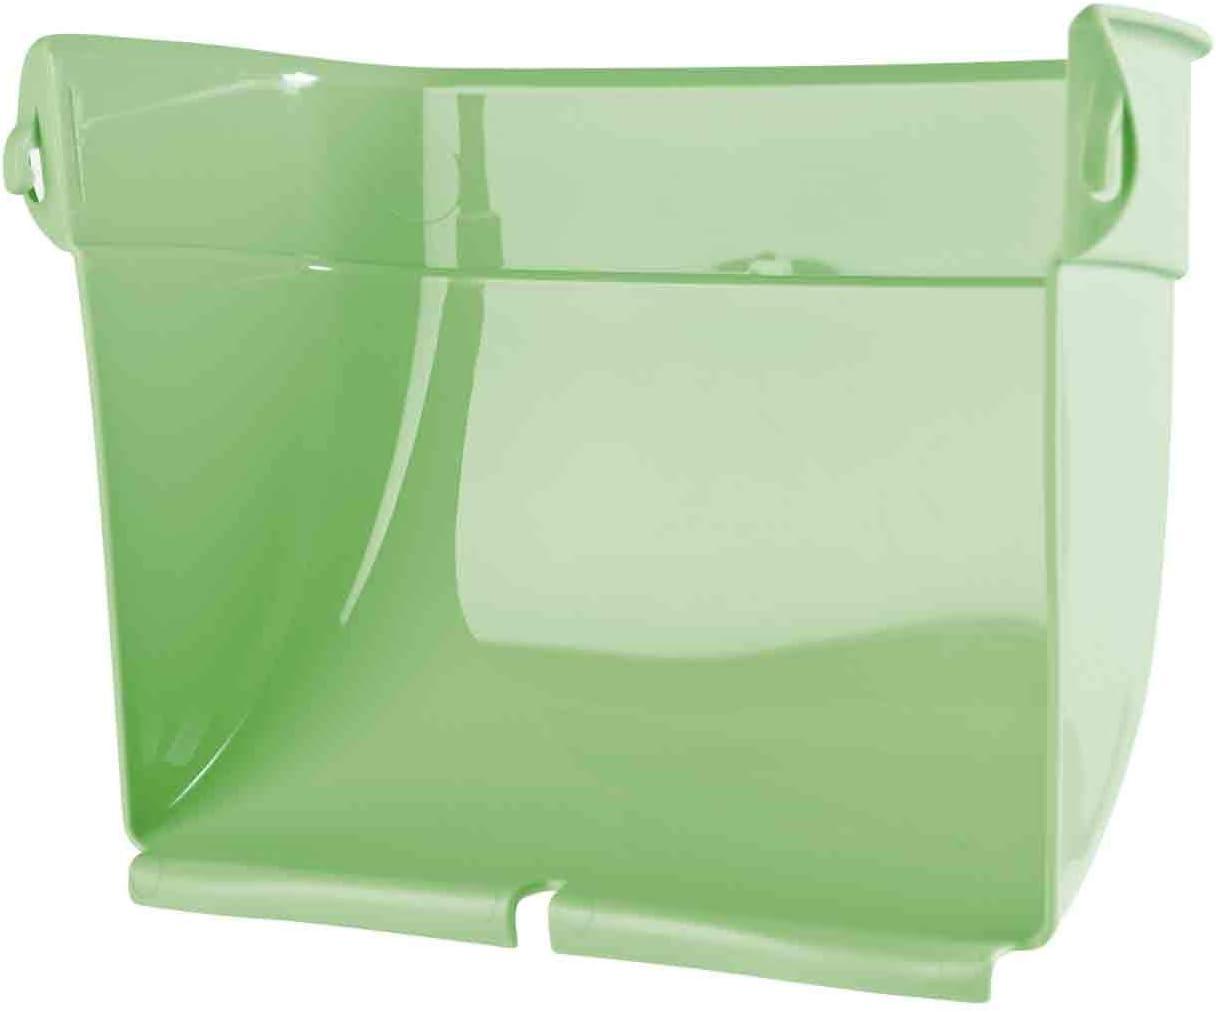 IMAC Porta-Heno Plástico 25.5 x 11 x 19 cm, Colores Variados, Varios